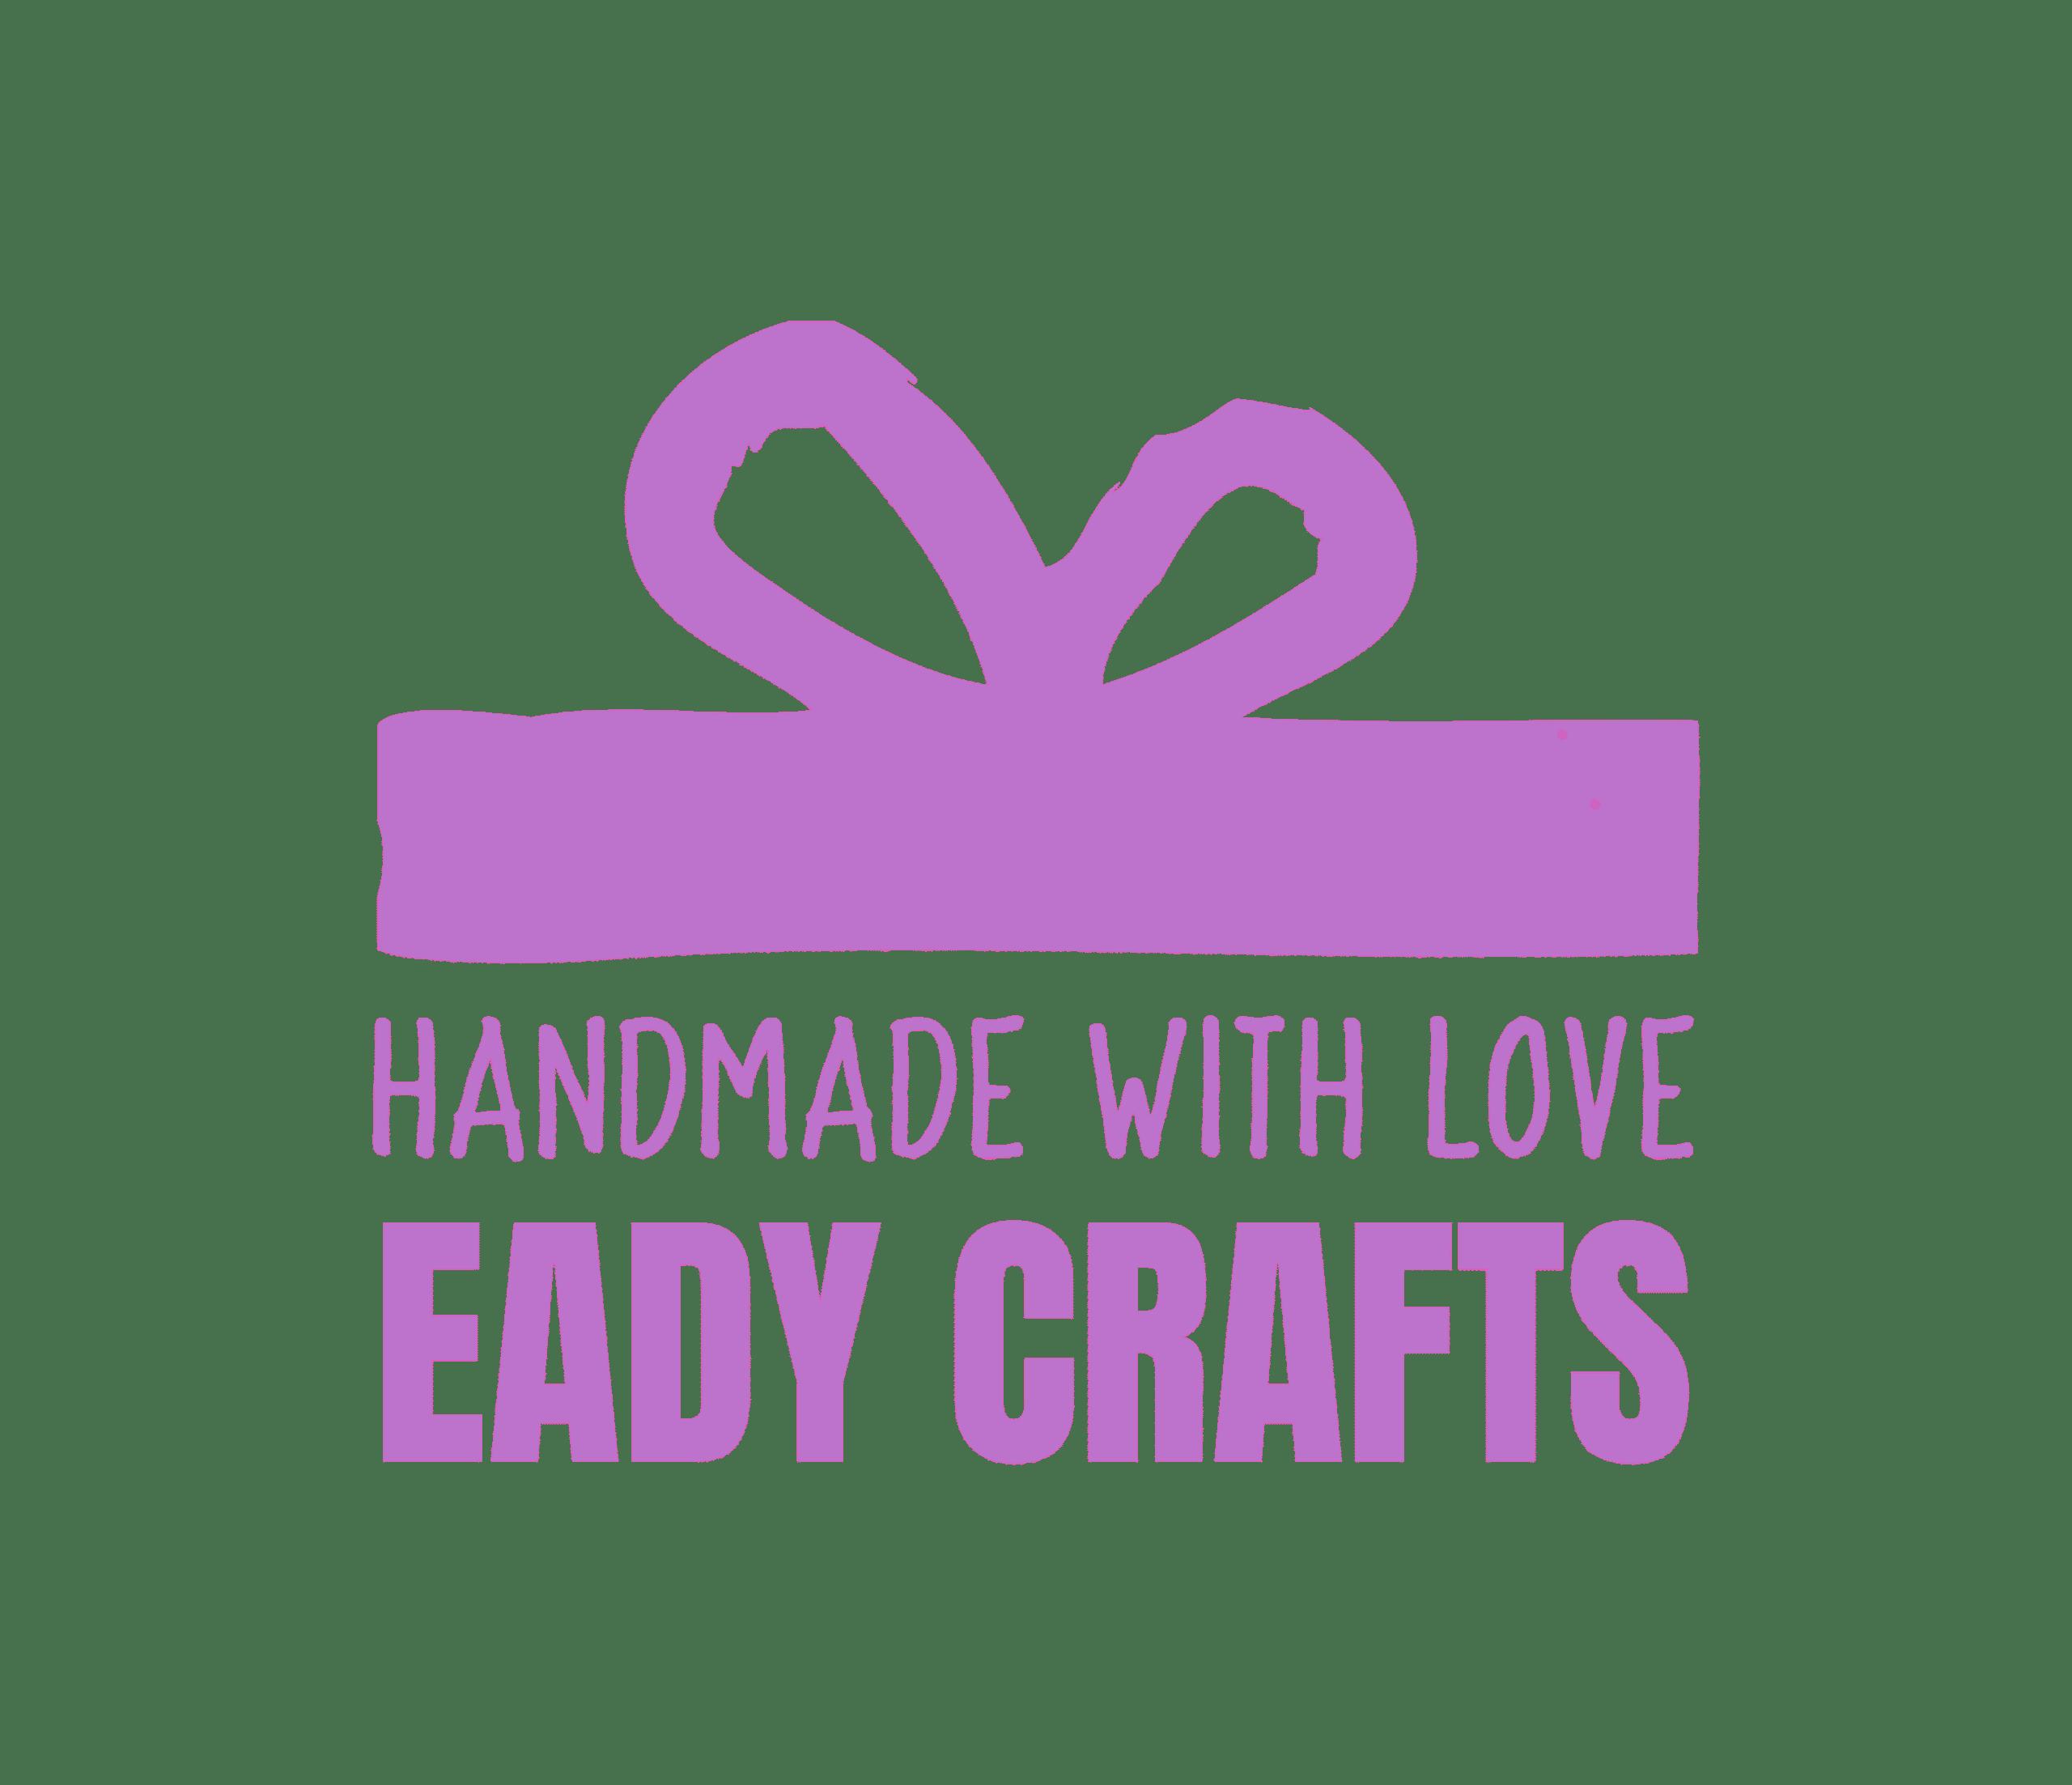 Eady Crafts